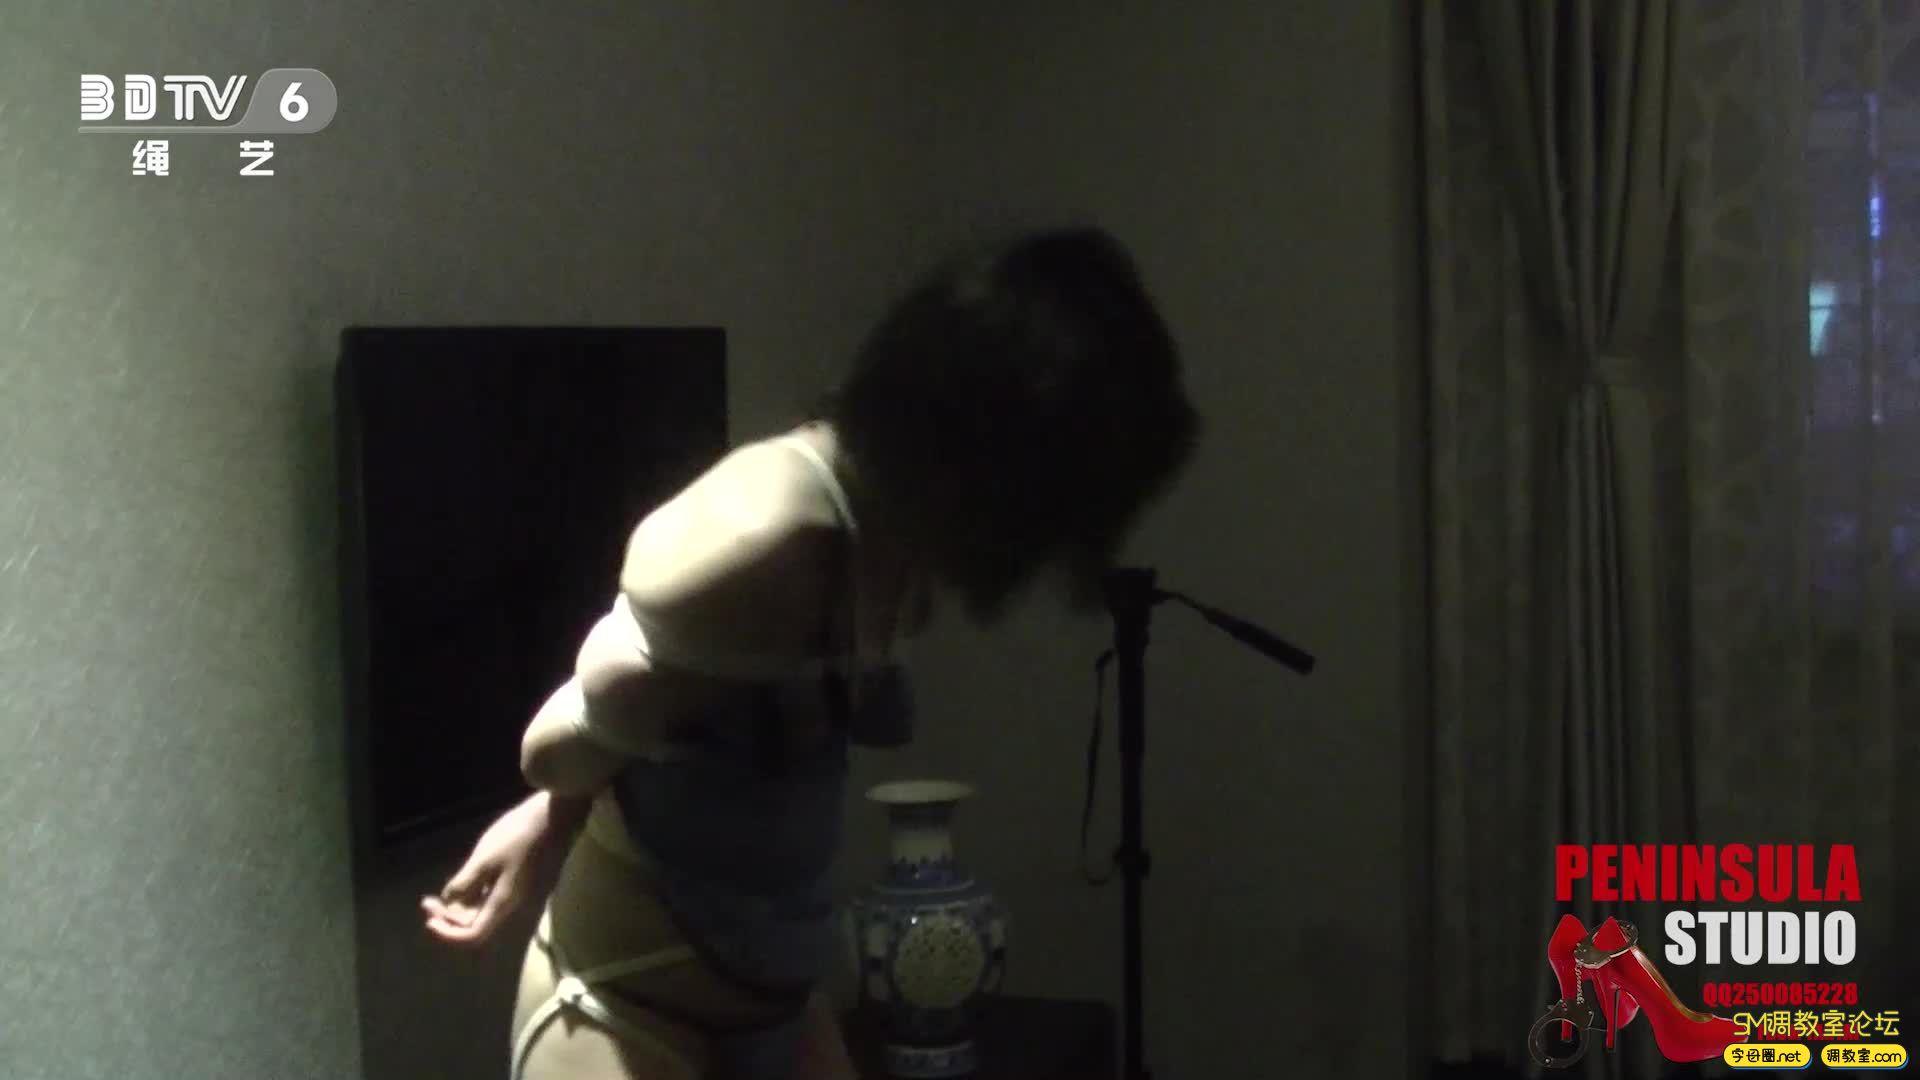 半岛束艺台_浴池激情前传:性感肚兜大美腿蛇缚-视频截图2